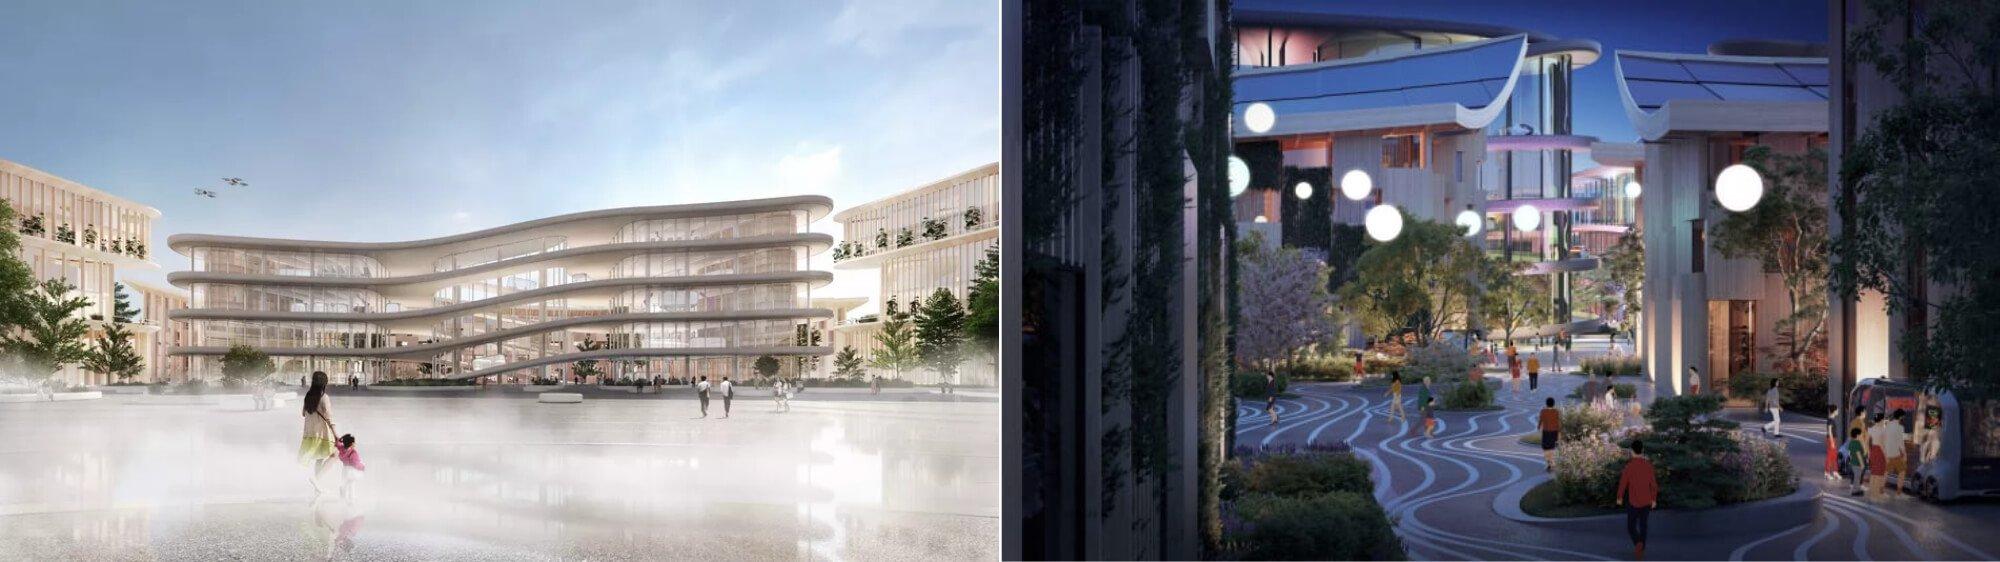 مدينة تويوتا المستقبلية